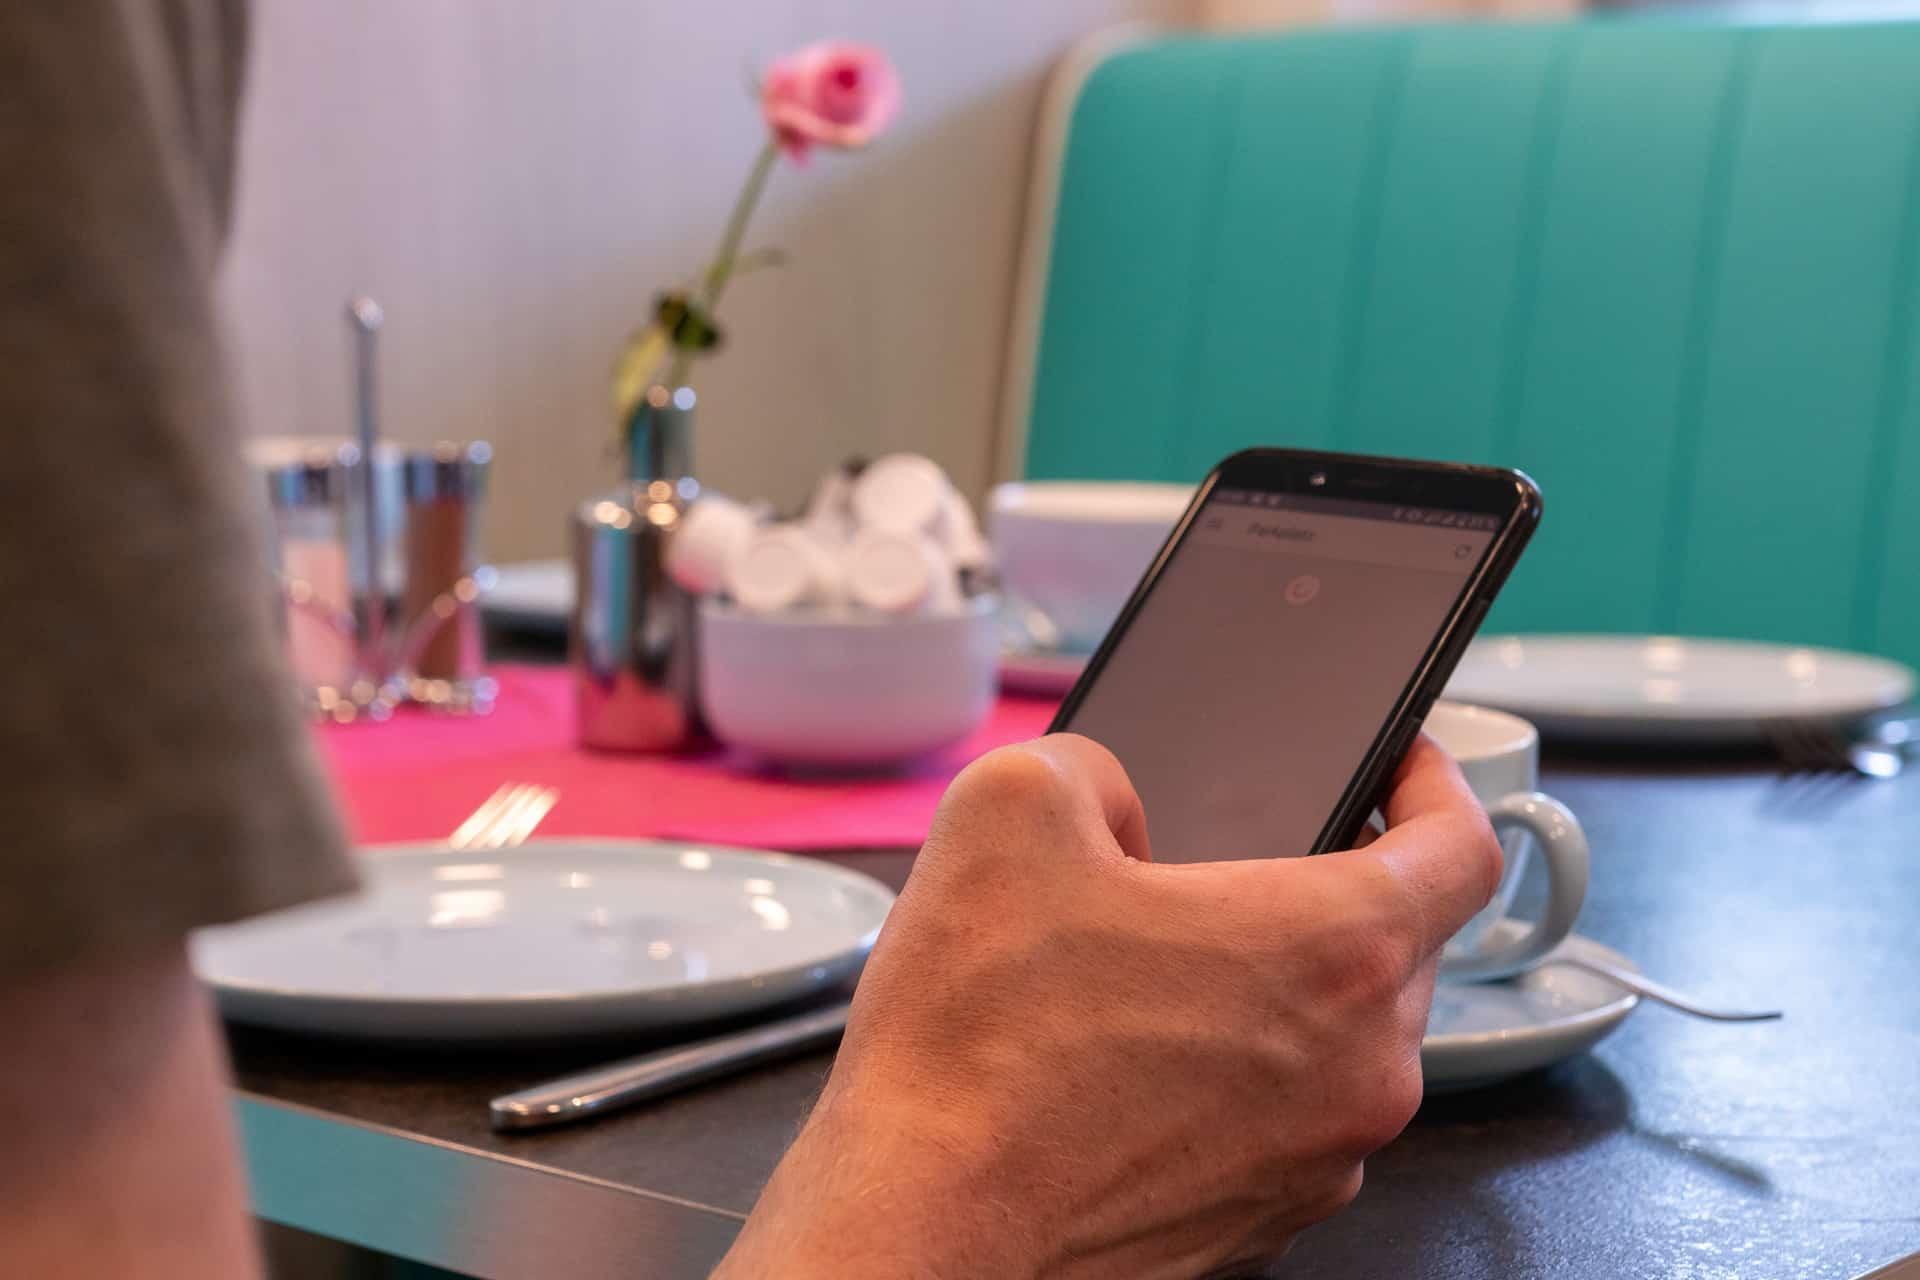 lesezirkel wie wifi wlan software Hotspot system voucher aplas